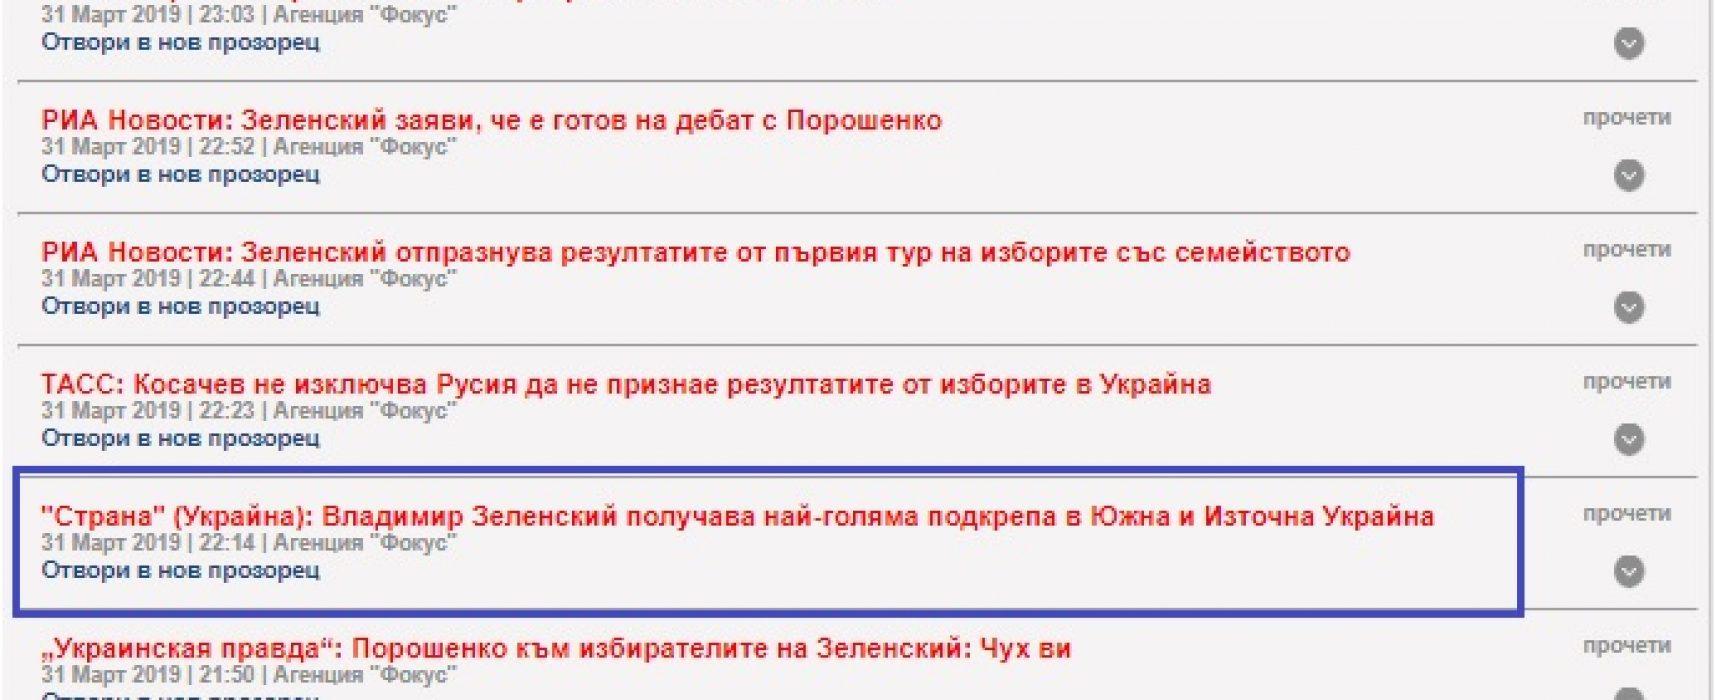 Kako se ruska dezinformacija proširila u Bugarskoj?